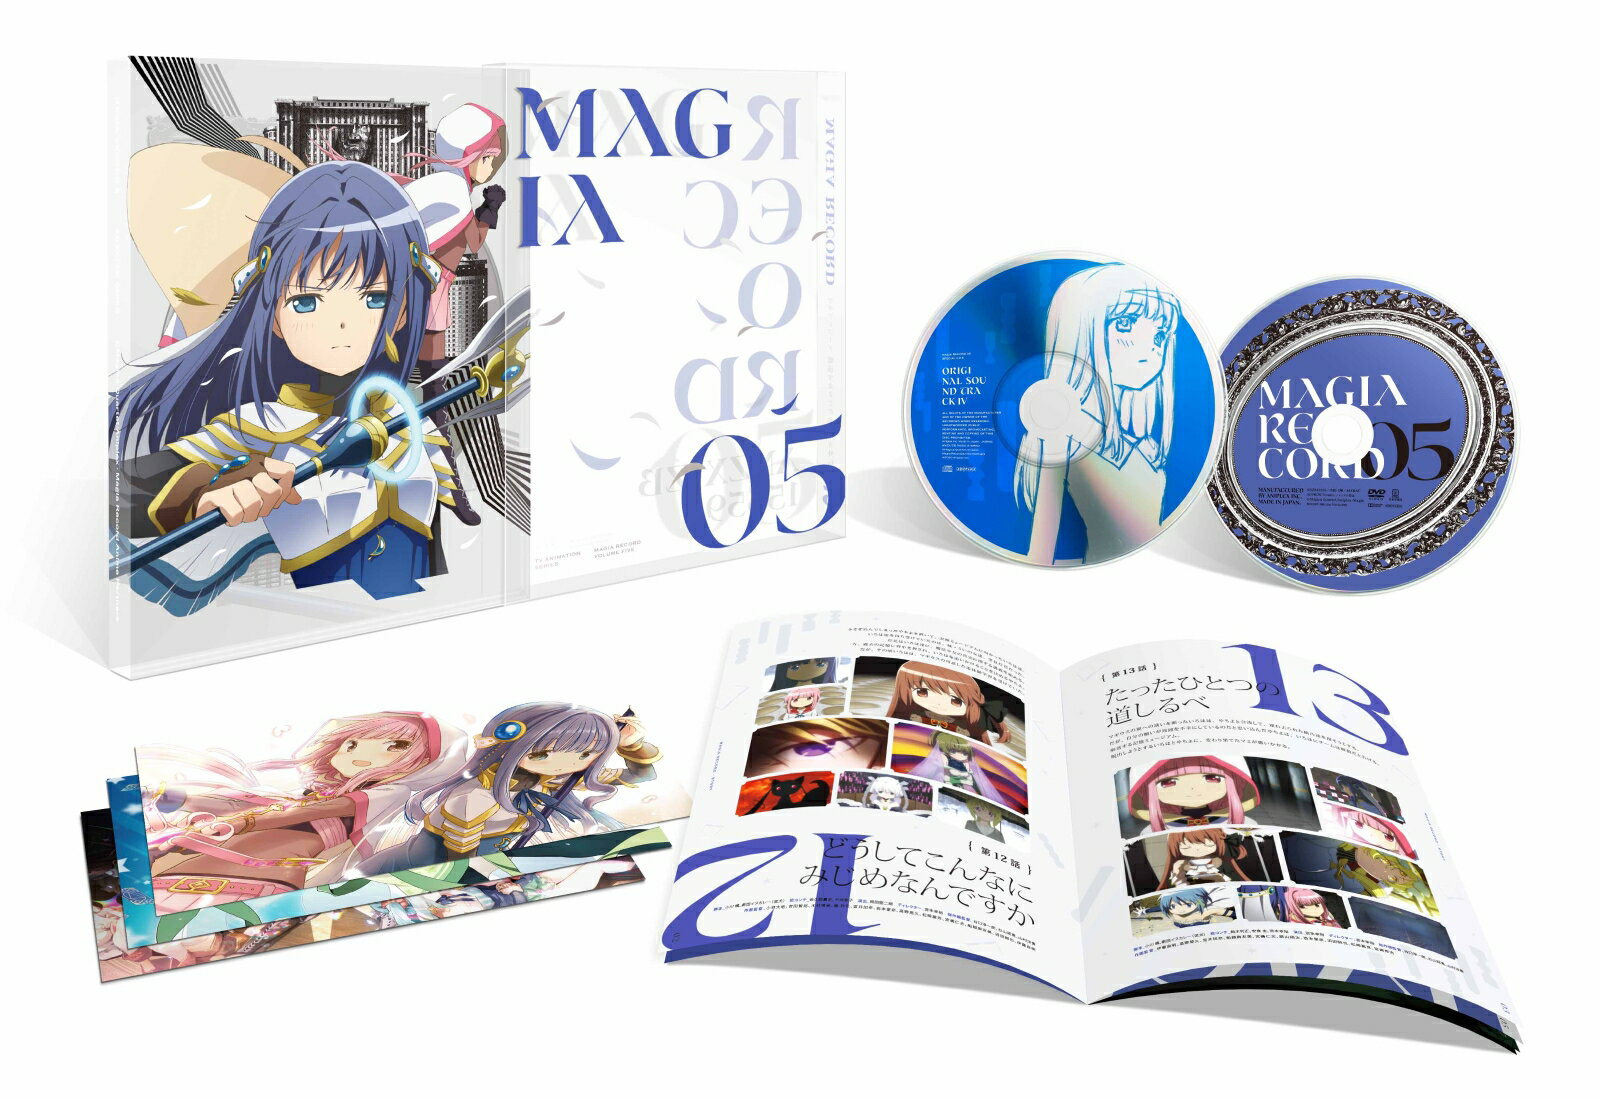 マギアレコード 魔法少女まどか☆マギカ外伝 5(完全生産限定版)【Blu-ray】